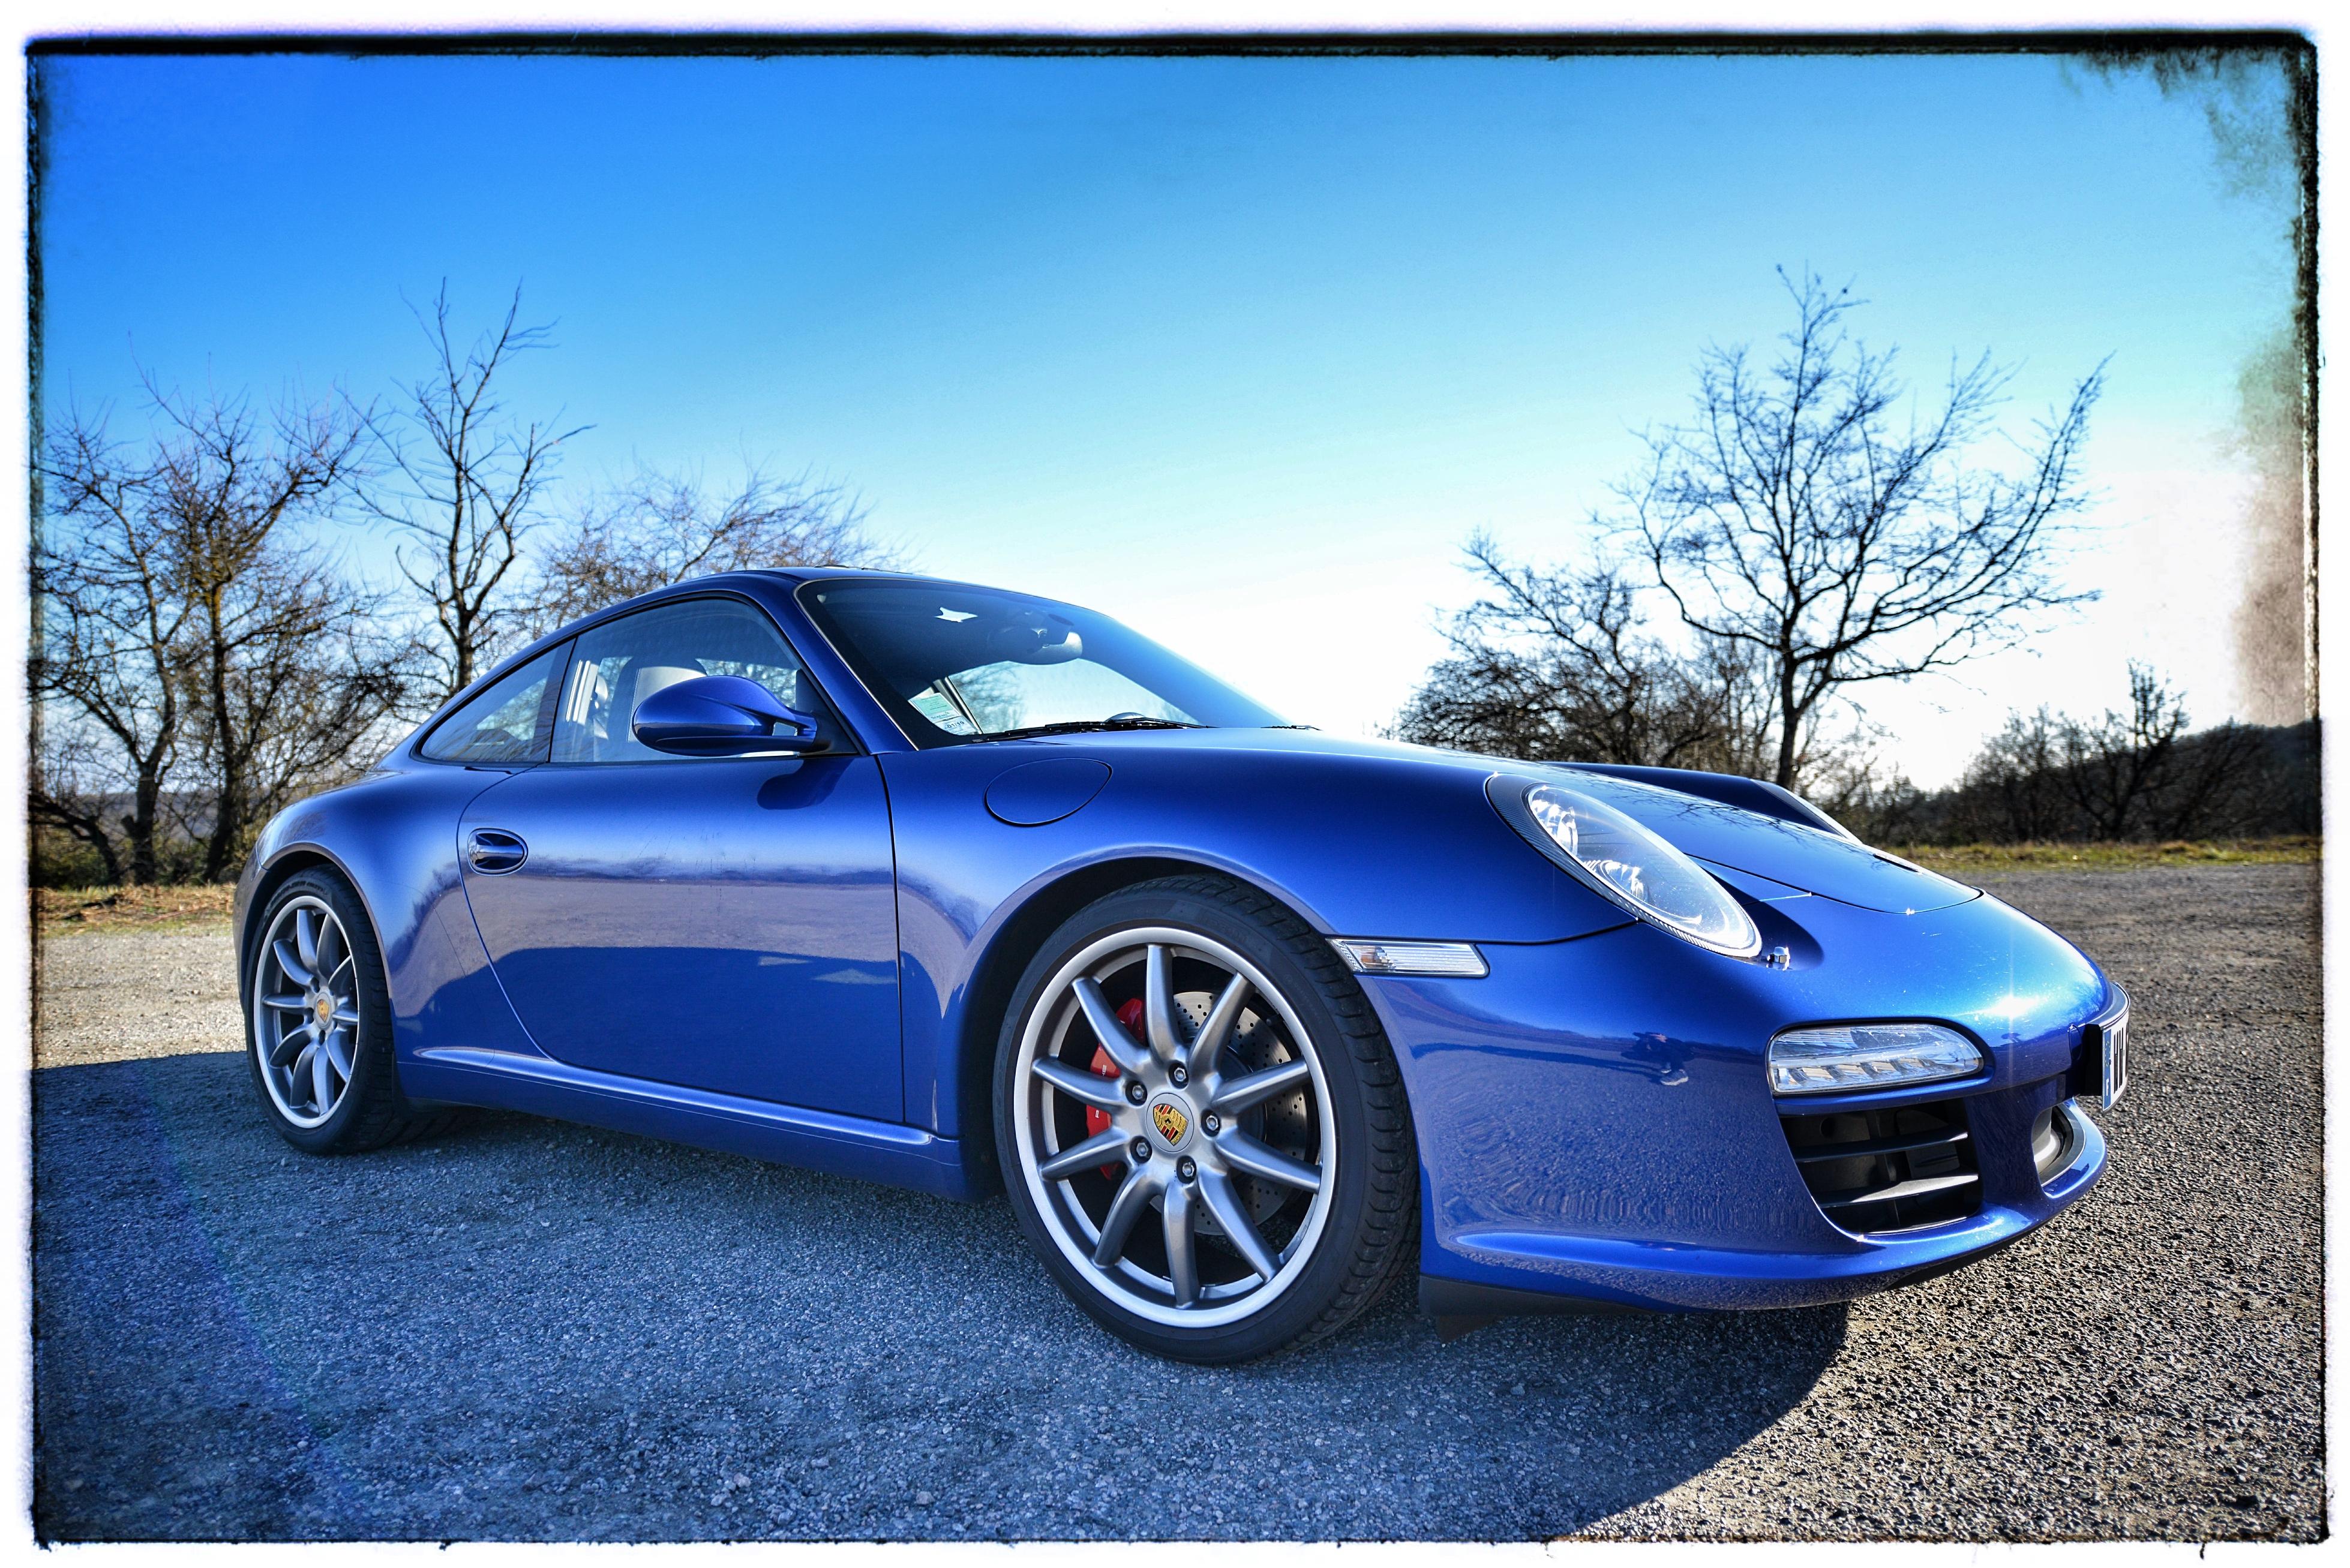 photos bleues photos boxster cayman 911 porsche. Black Bedroom Furniture Sets. Home Design Ideas